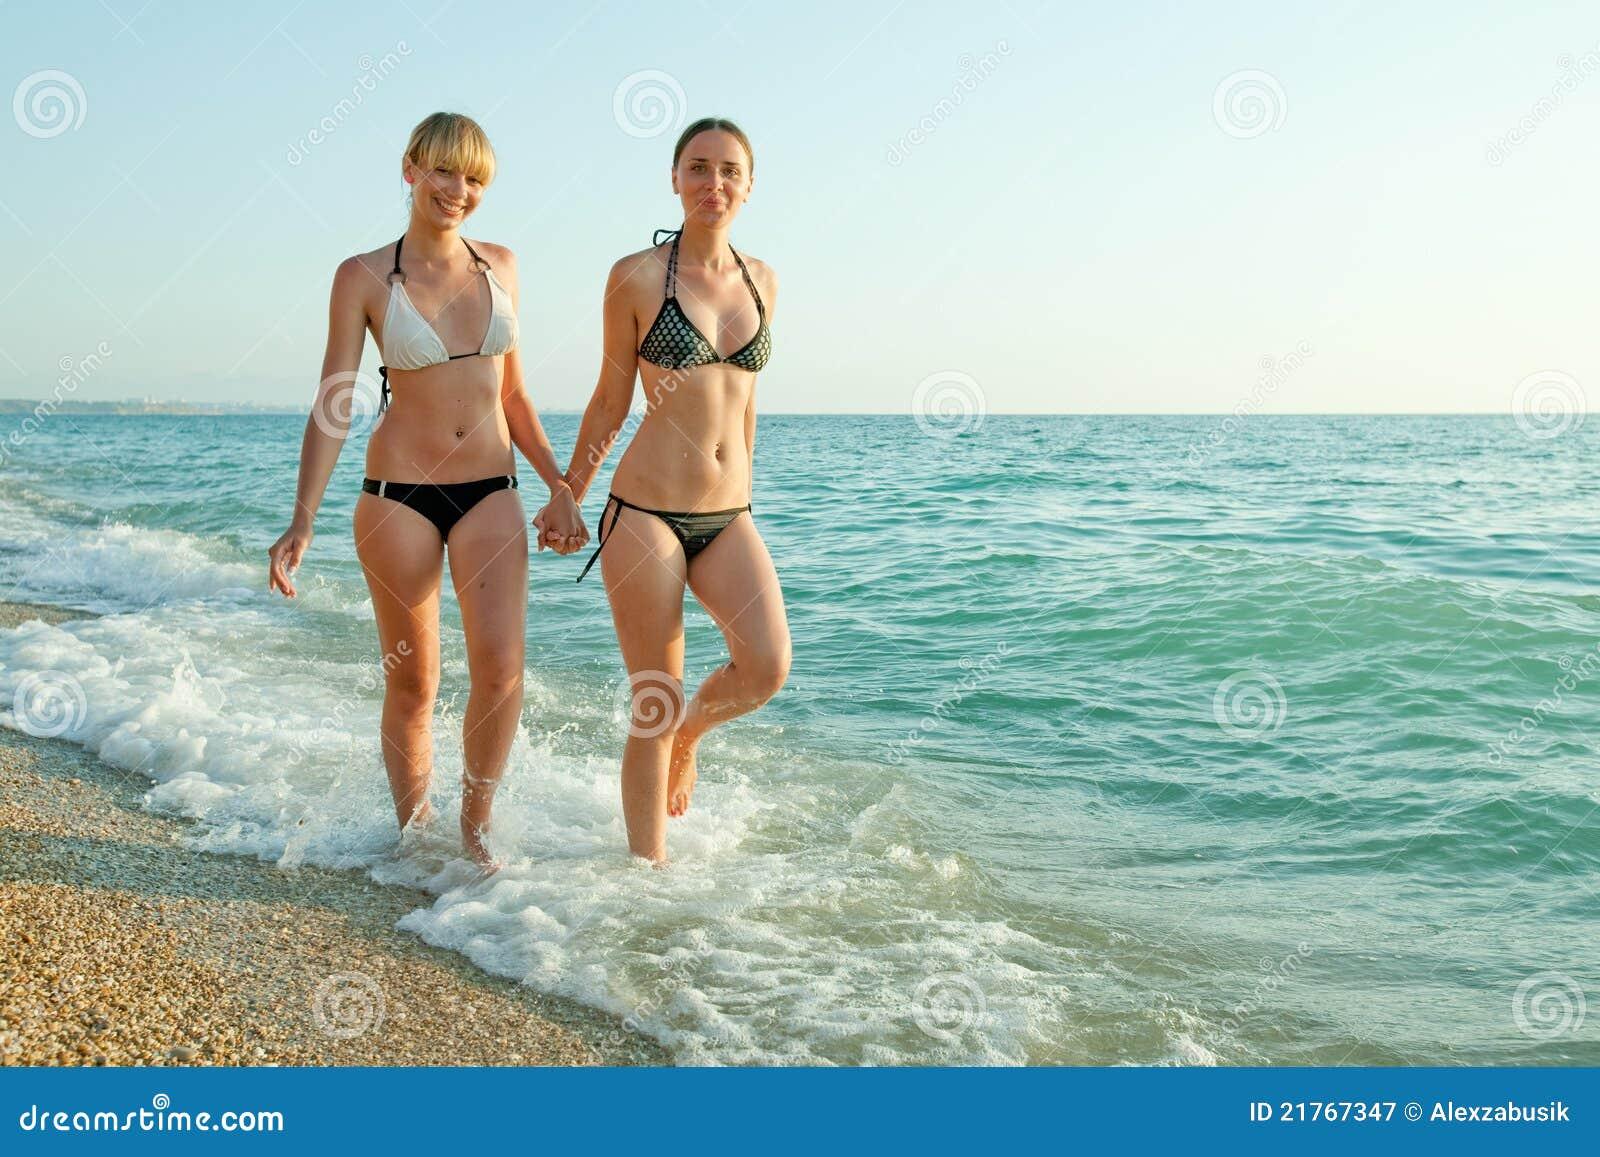 девки н море фото